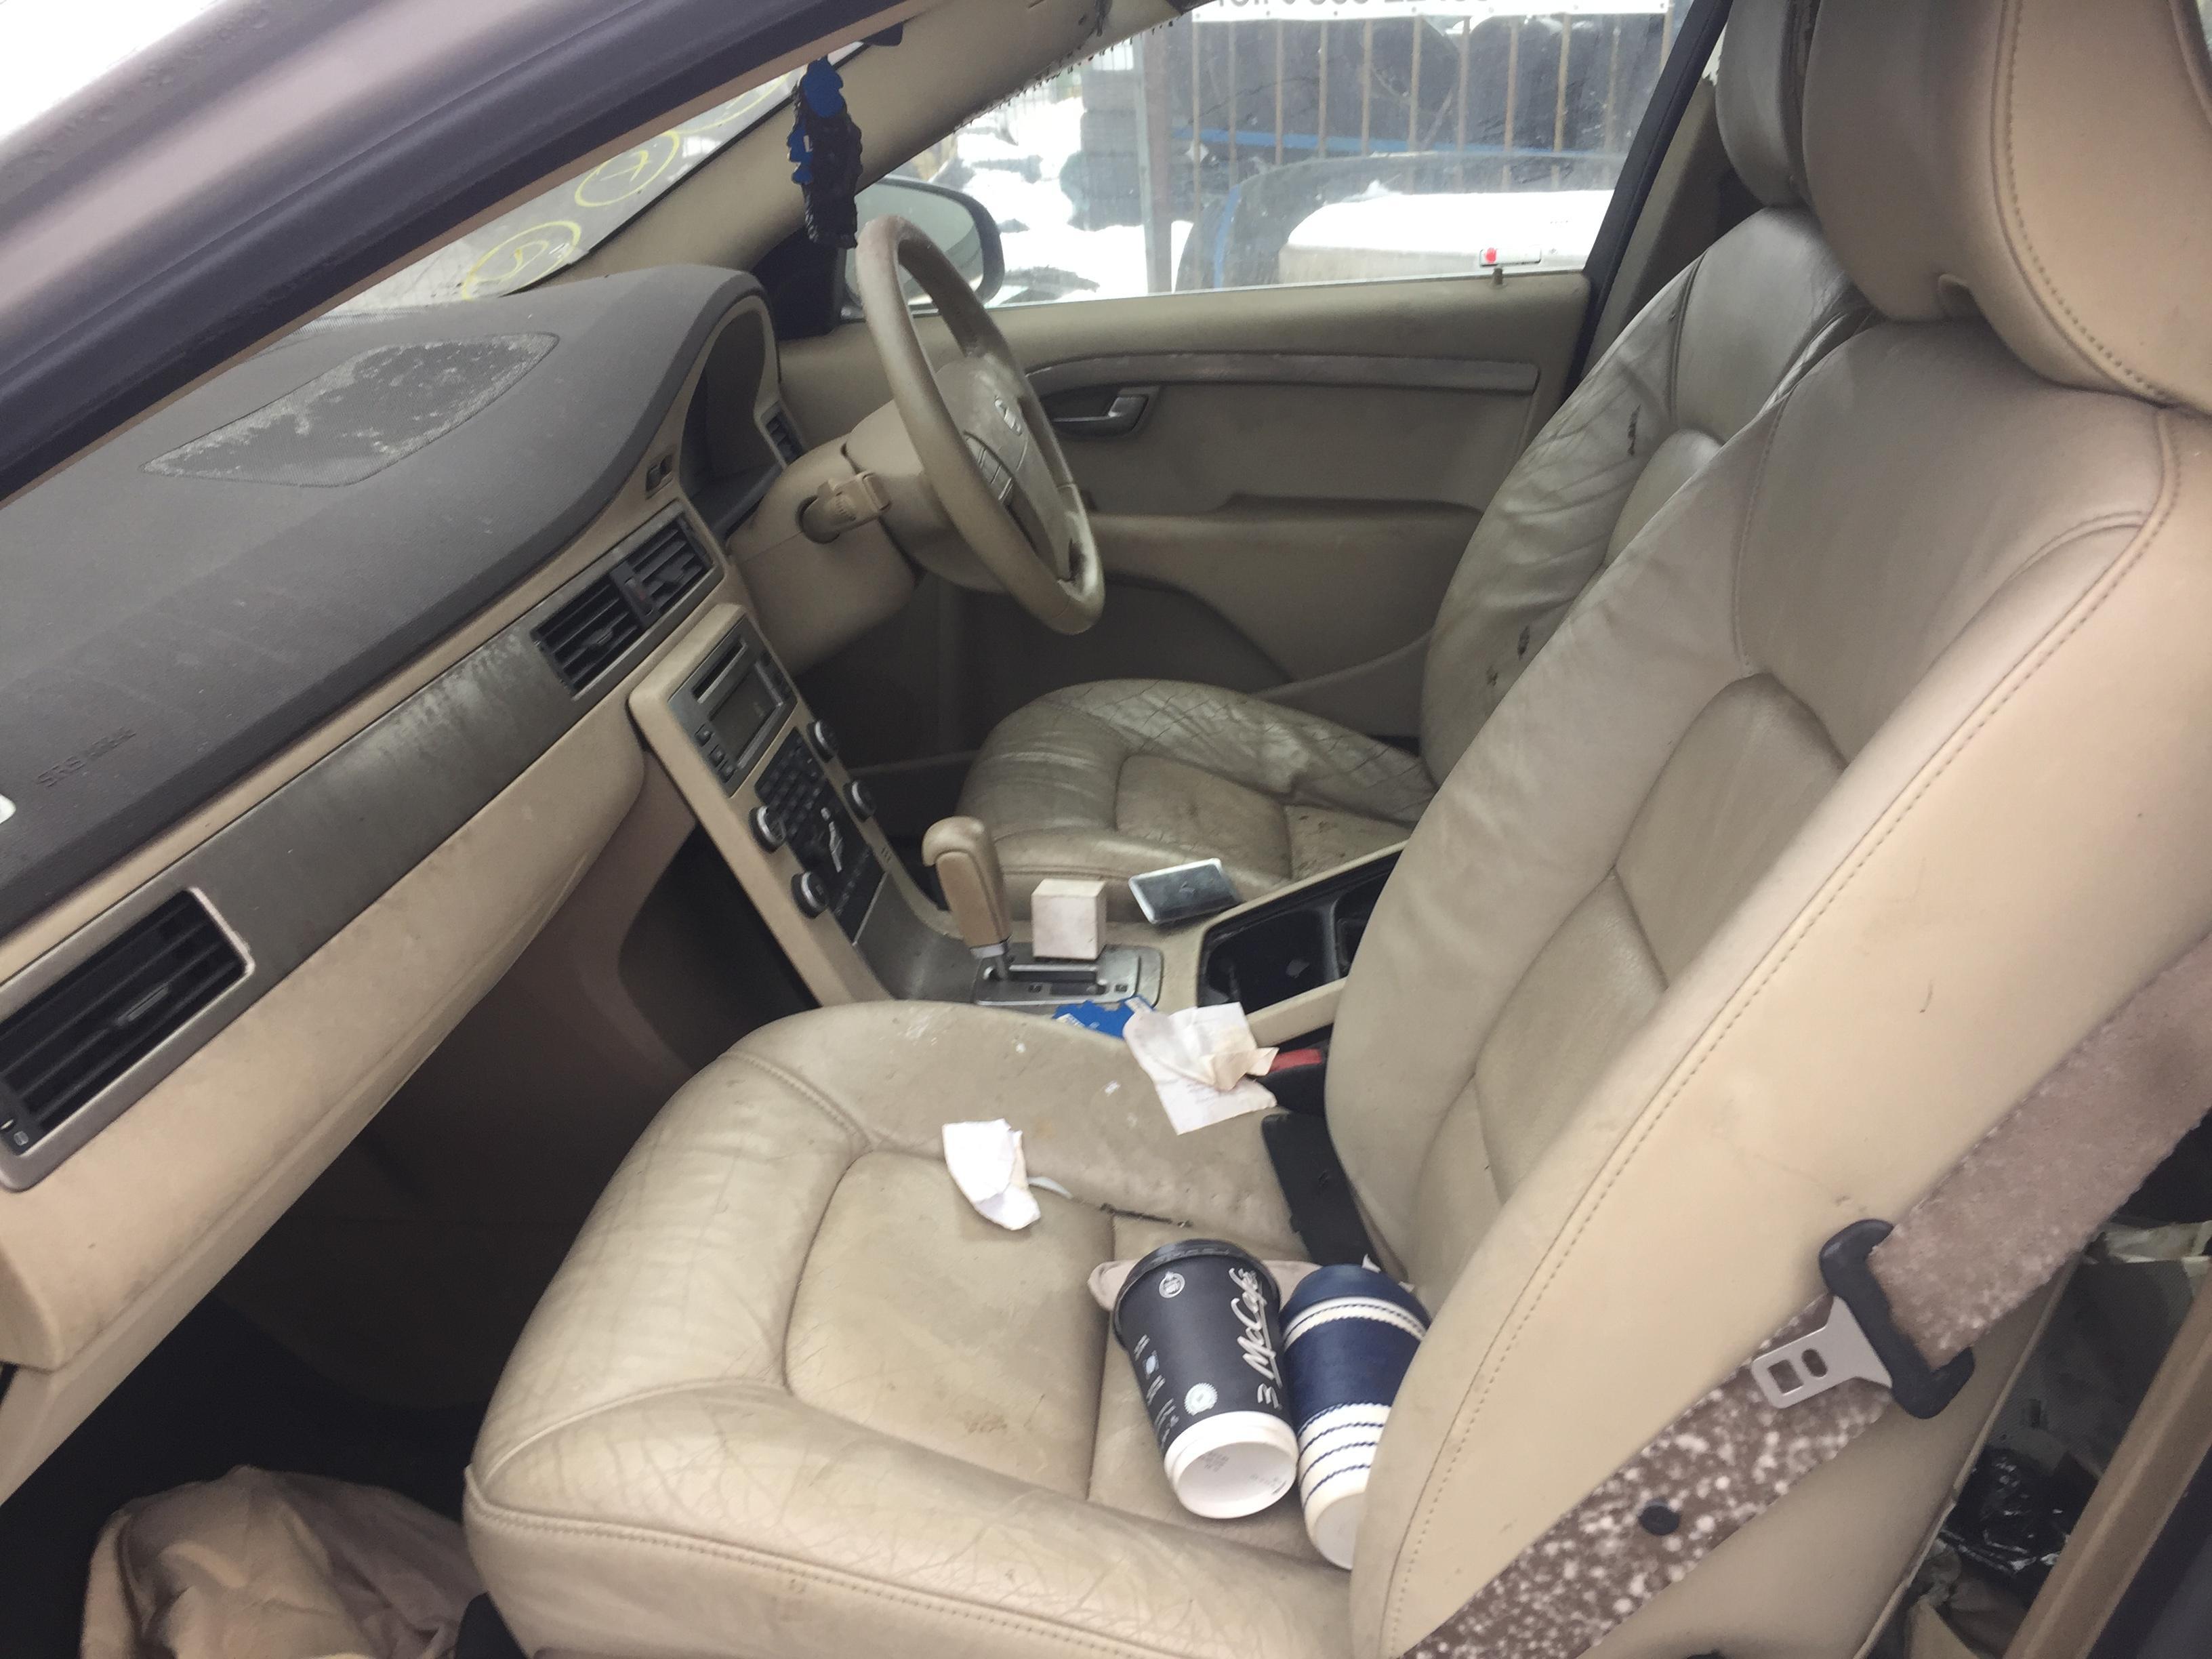 Подержанные Автозапчасти Foto 3 Volvo S80 2008 2.4 автоматическая седан 4/5 d. серебро 2019-2-08 A4313